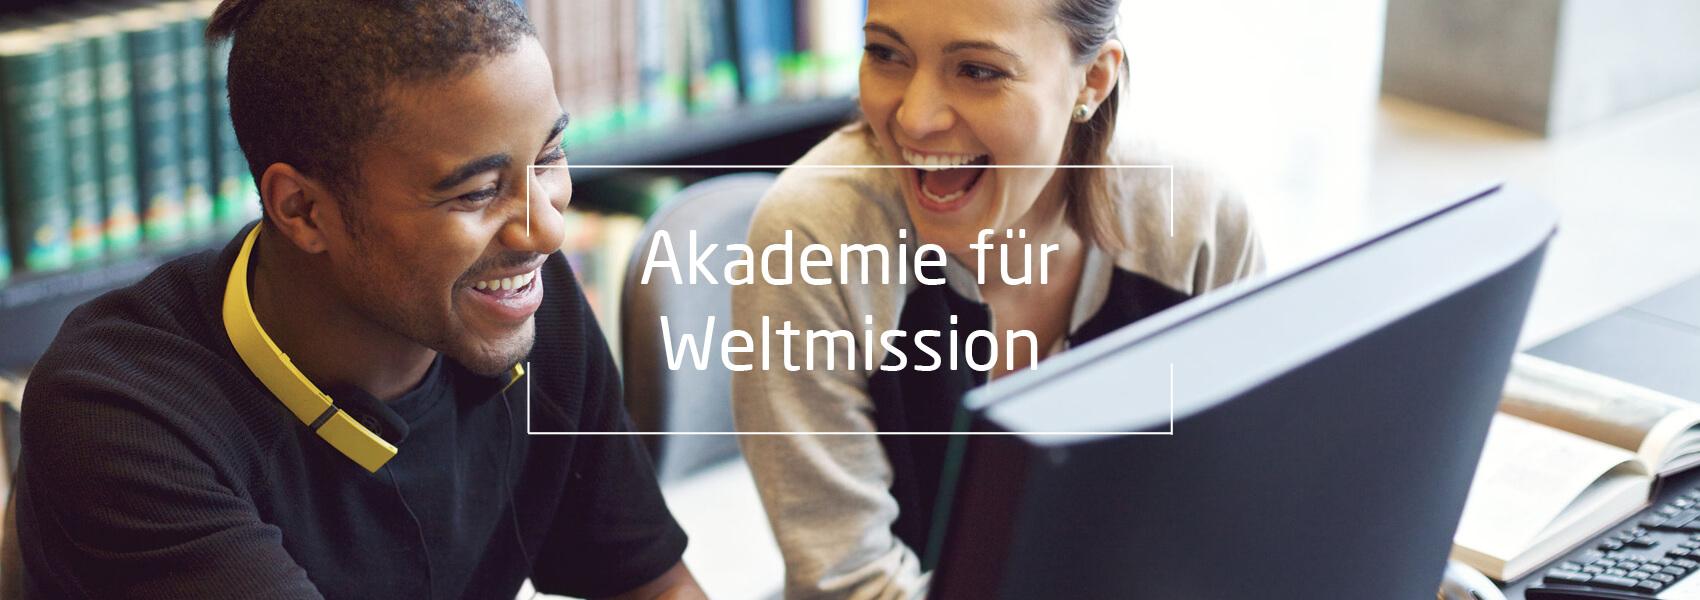 Zwei Studenten, Text: Akademie für Weltmission